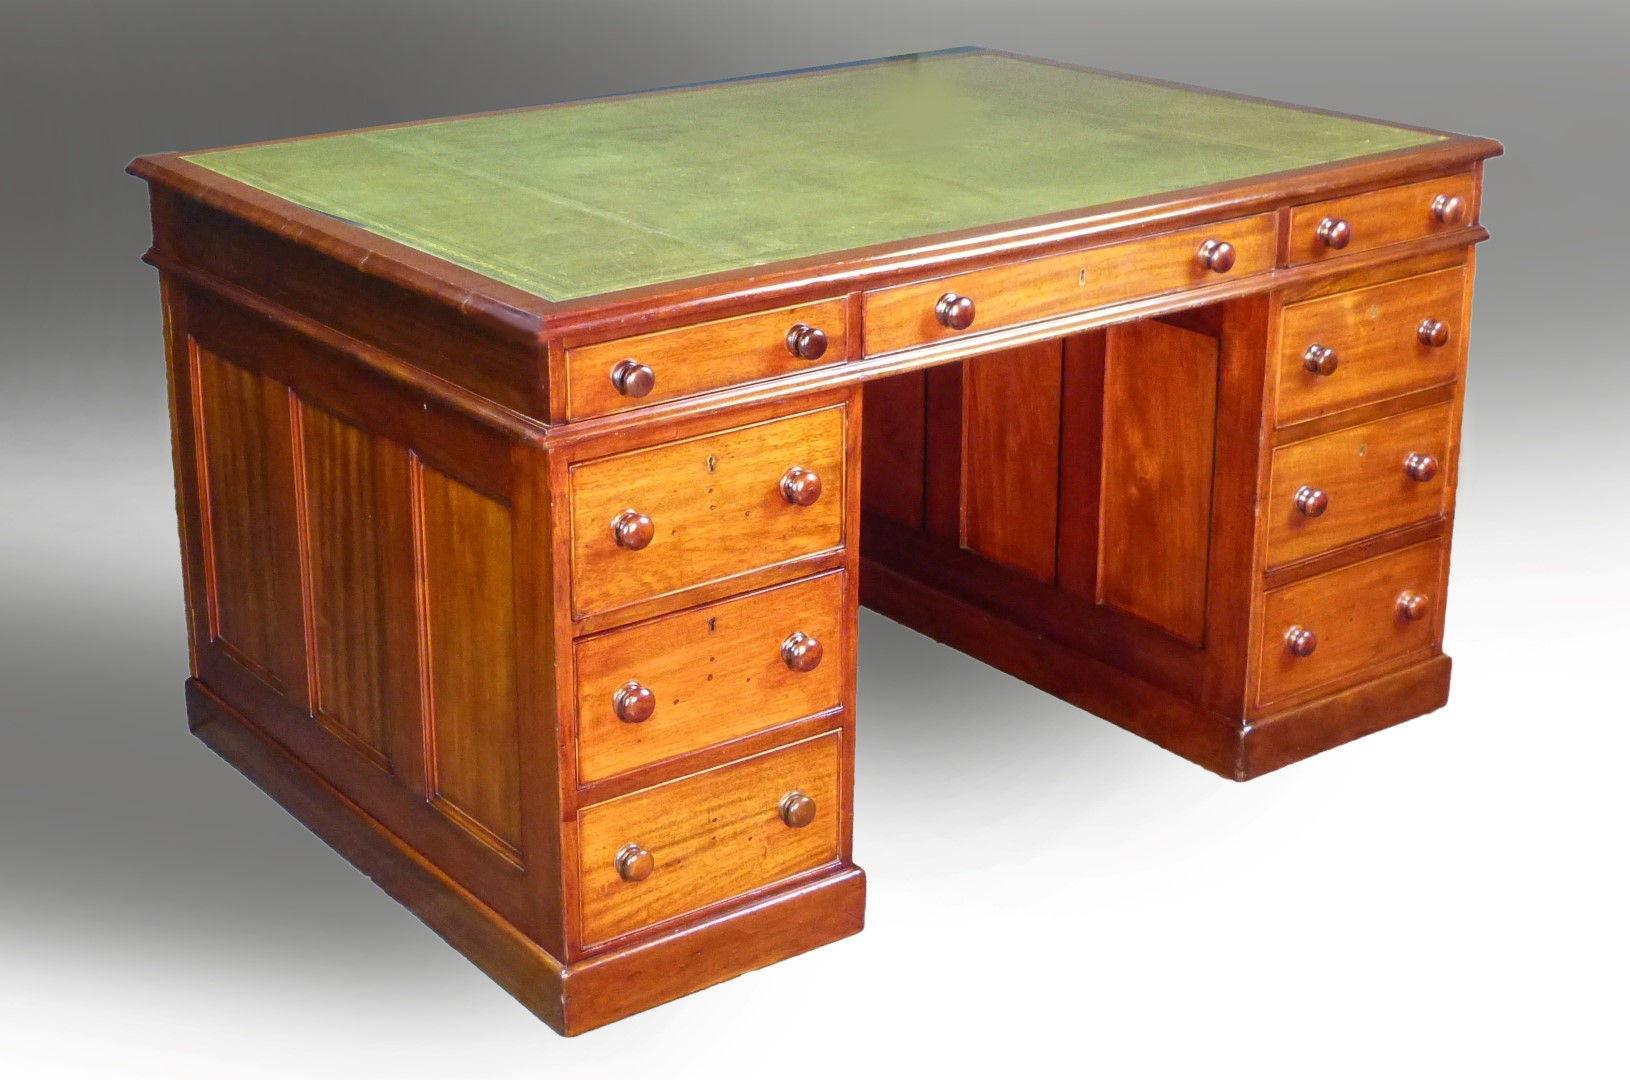 Antique Partners Desk Decorative Business Card Holder For Desk